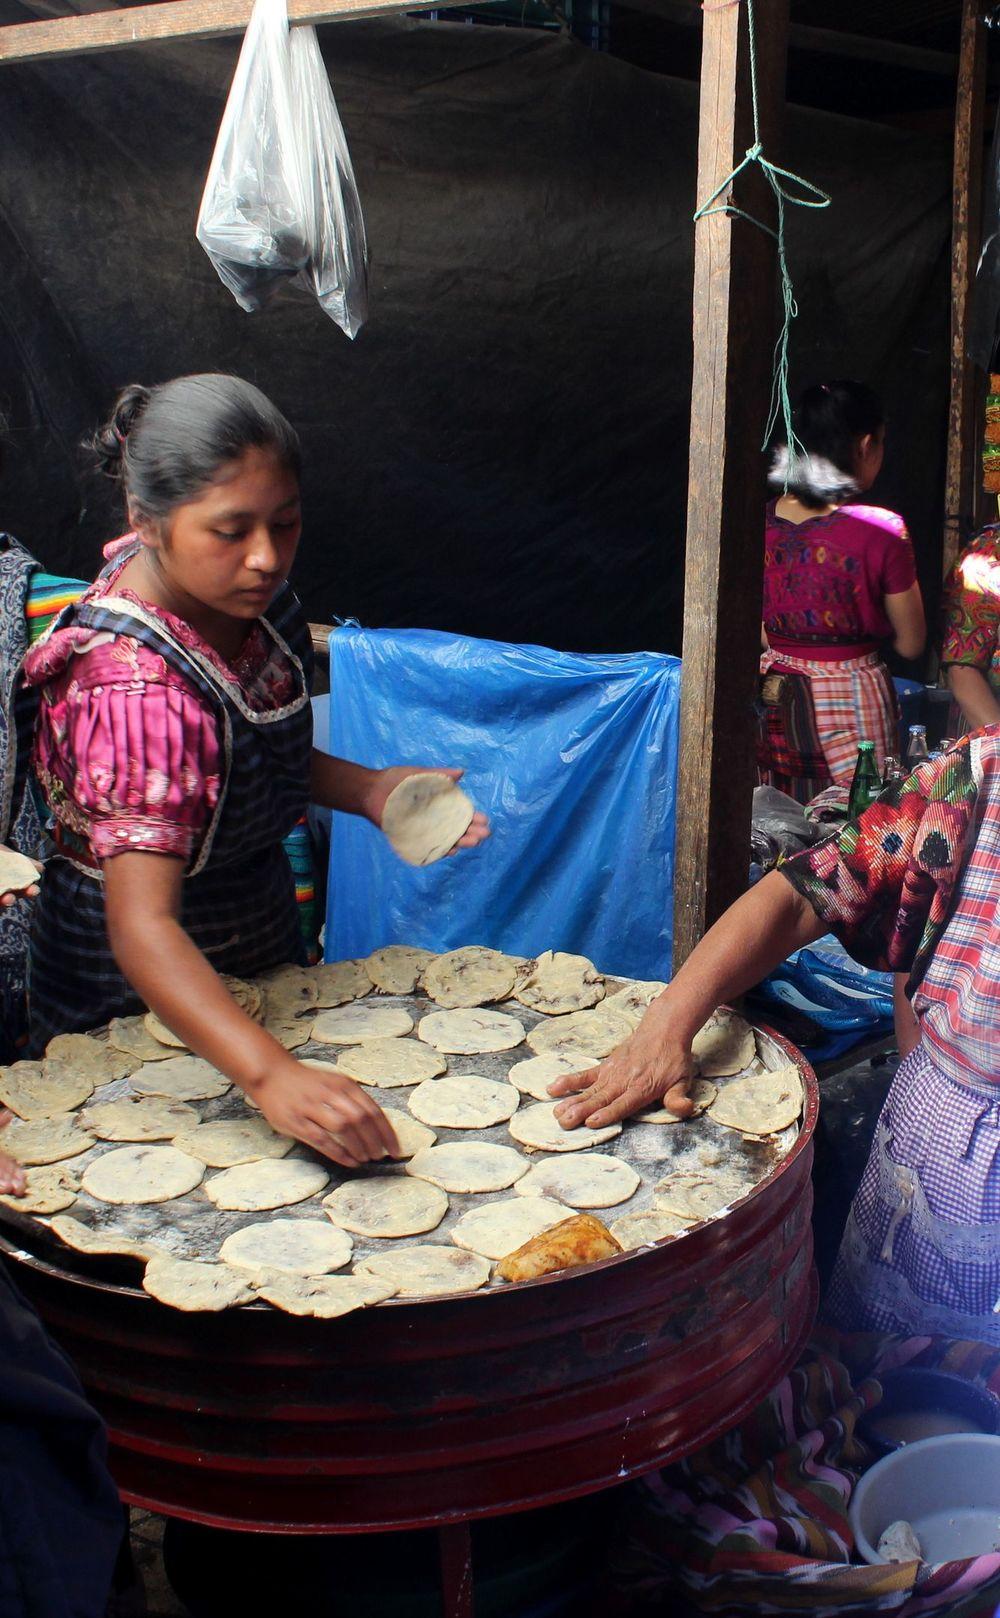 Taqueria los Tres Tiempo , m  arché de   Chichicastenango,Sololá, Guatemala